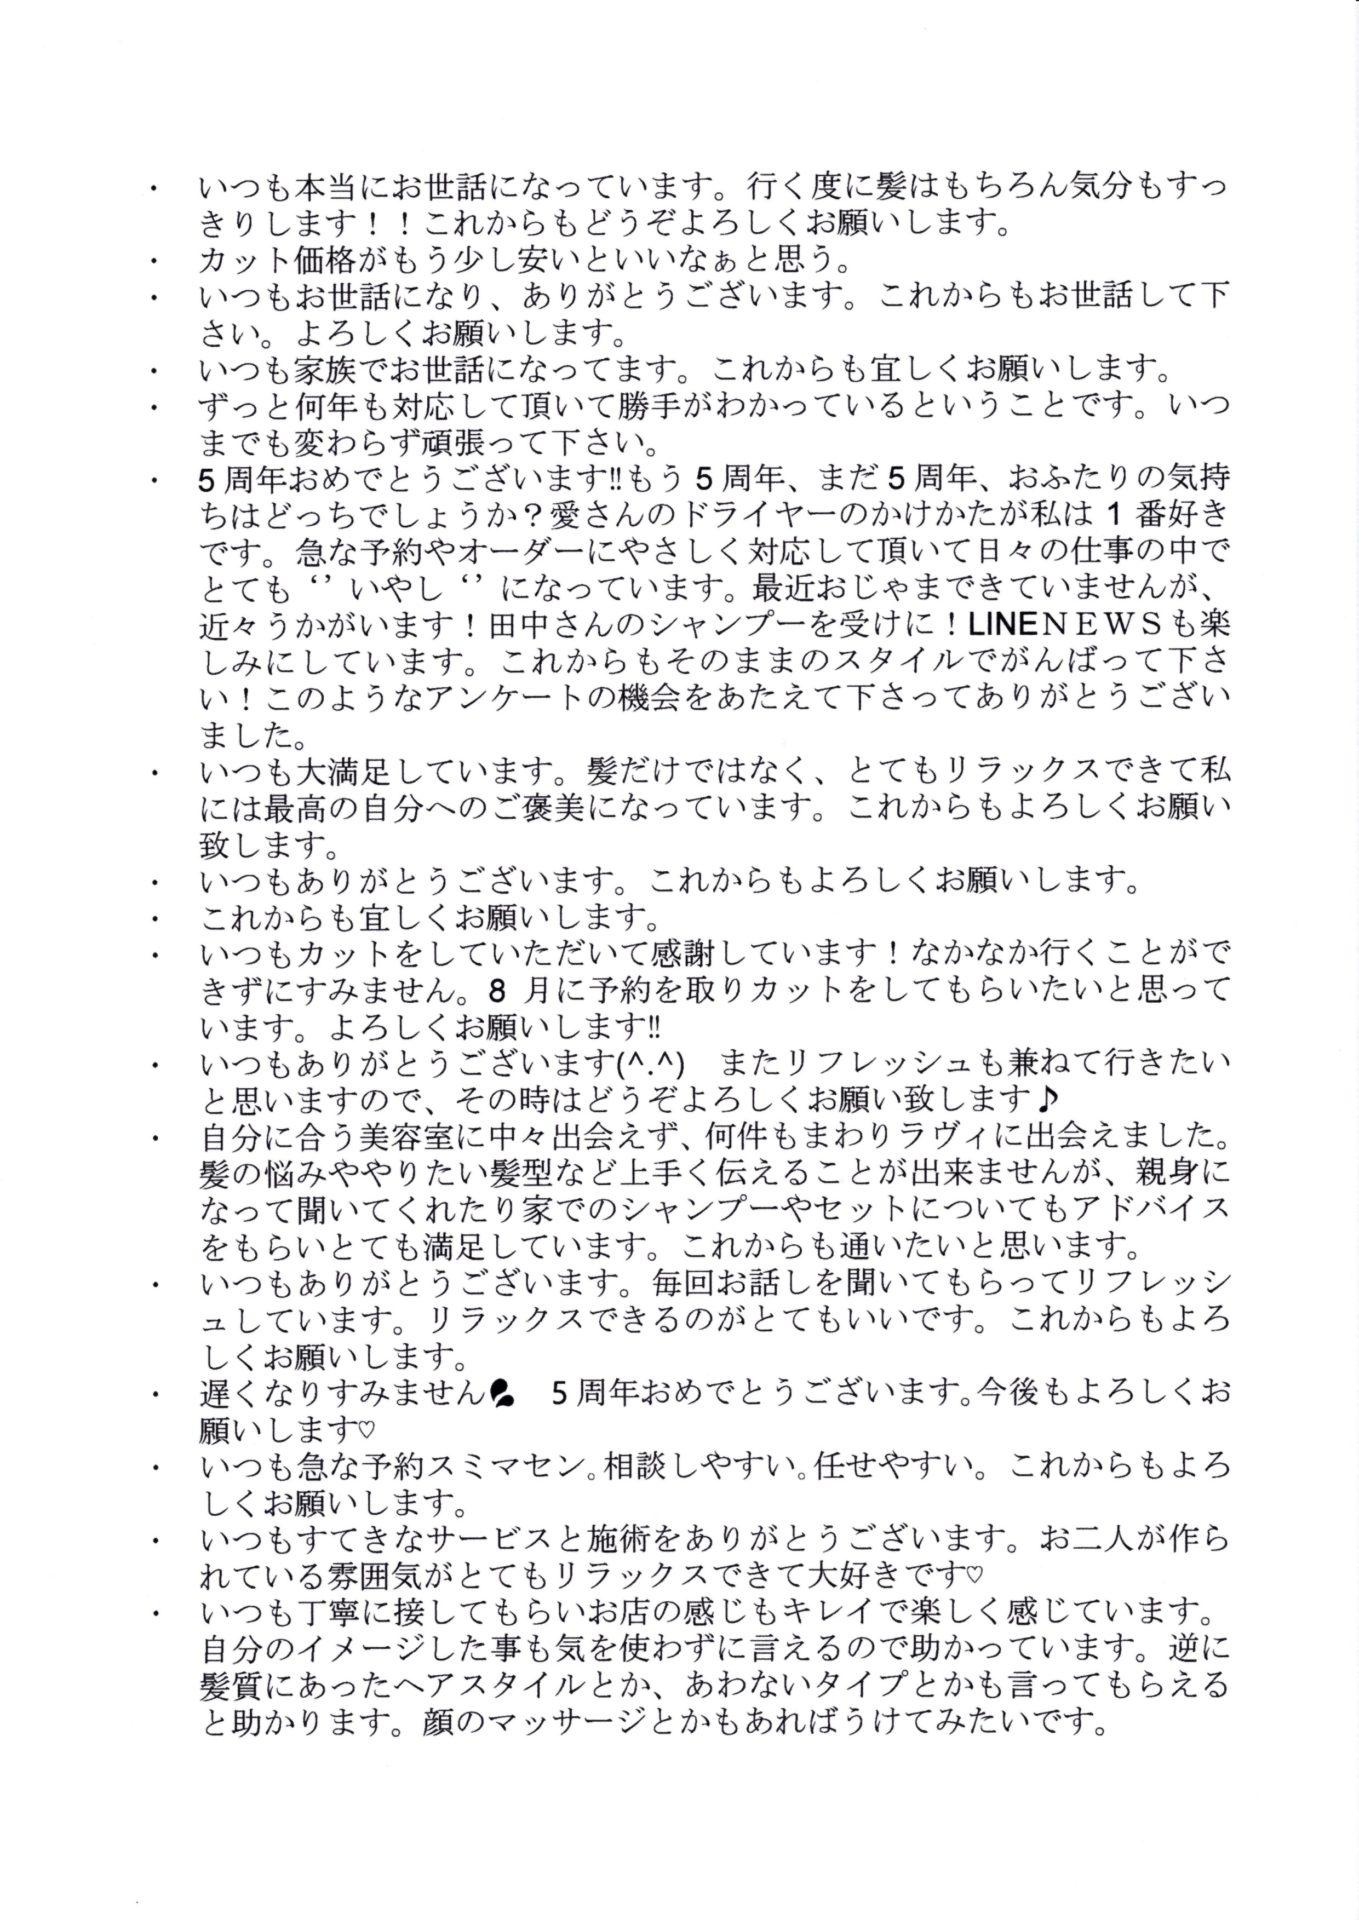 アンケート結果 最終号 4